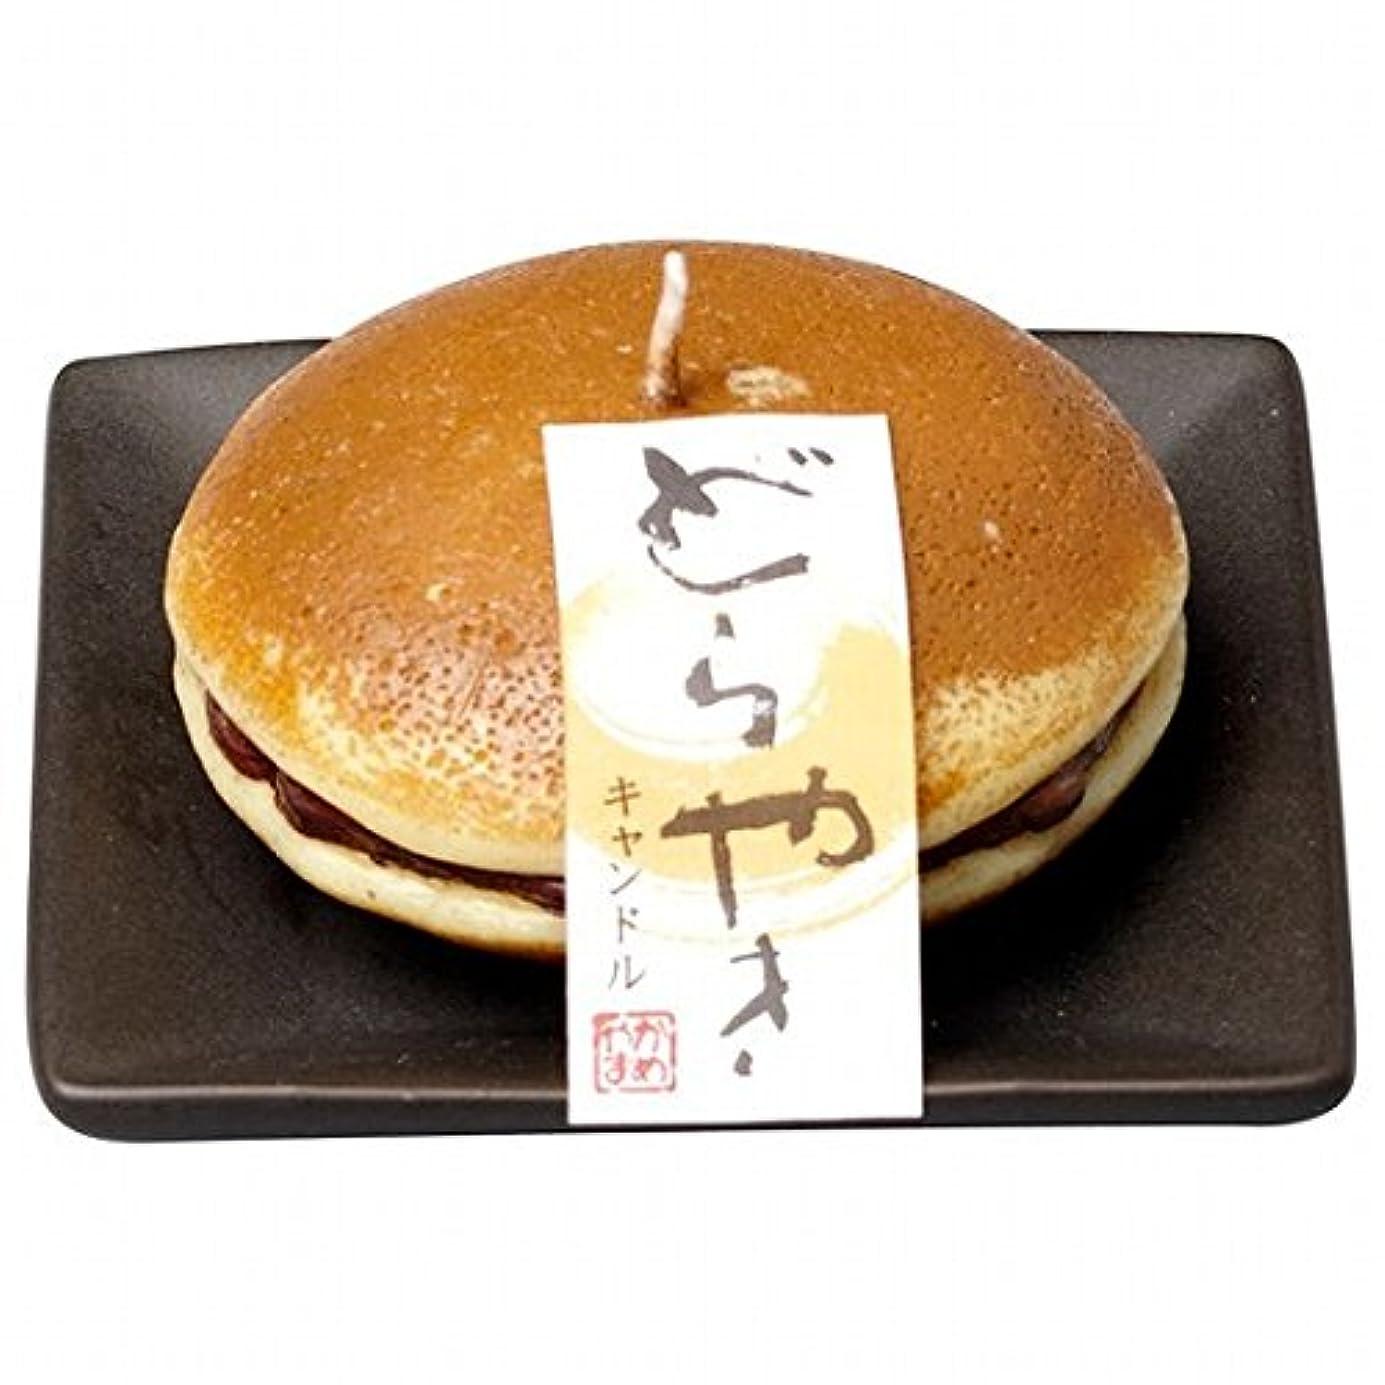 船酔い役立つおなじみのカメヤマキャンドル(kameyama candle) どらやきキャンドル